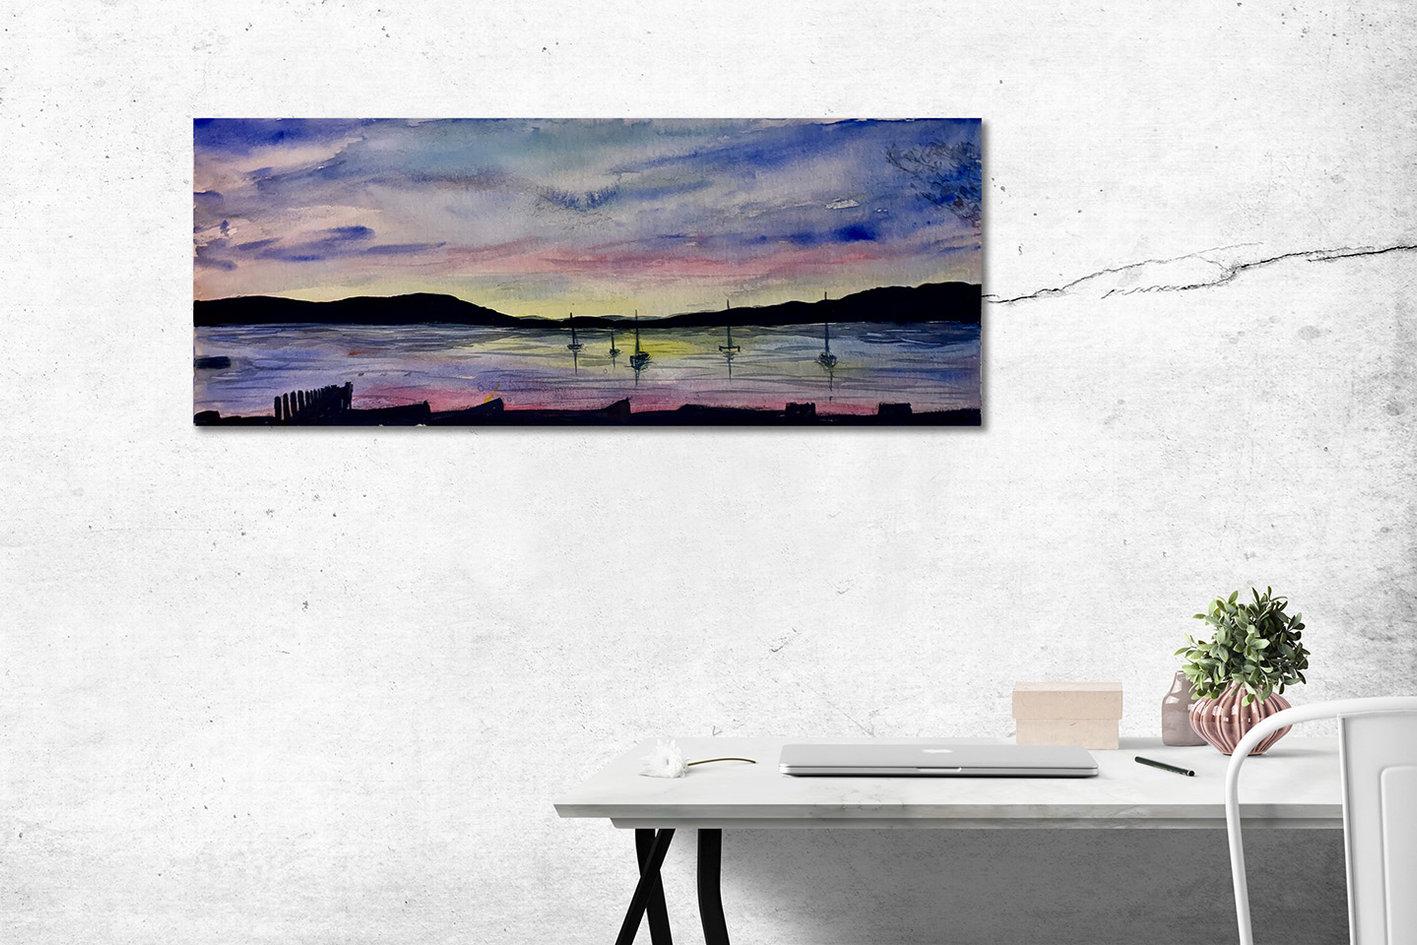 windermere 1 web image situ.jpg